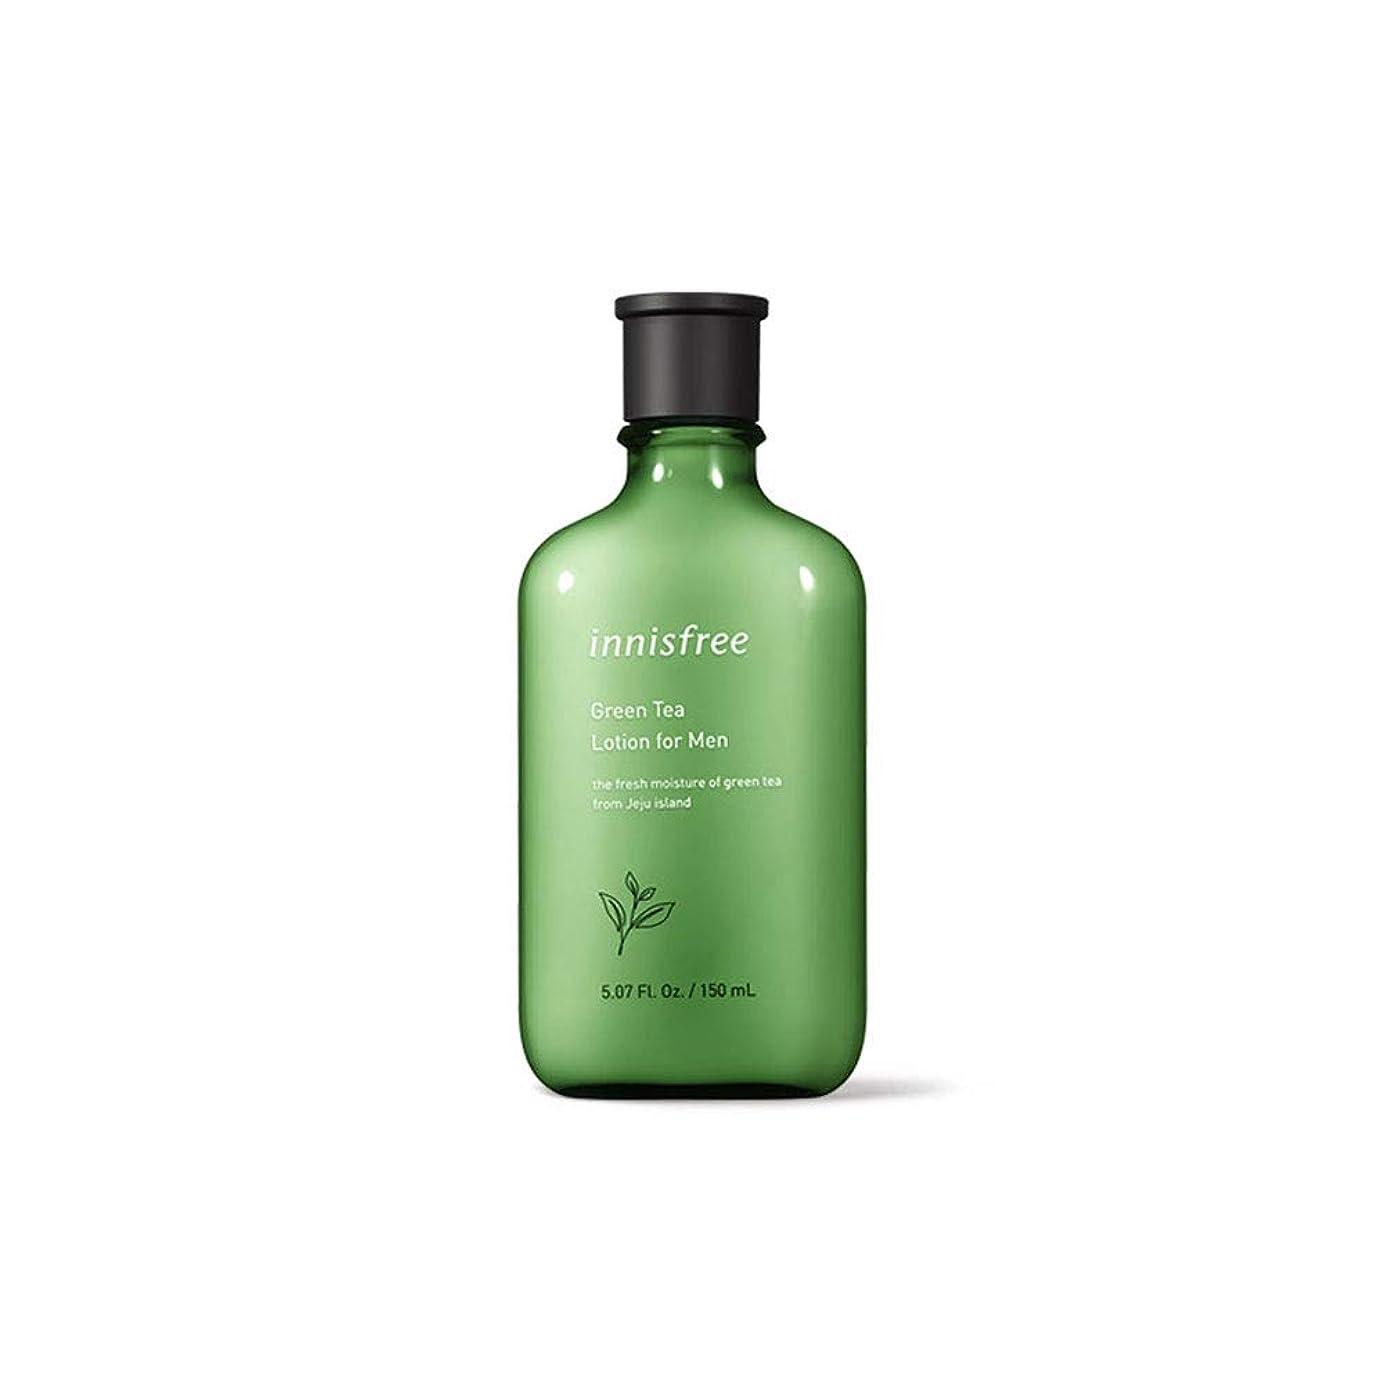 不格好に対応癒すイニスフリー Innisfree グリーンティーローションフォーメン(150ml) Innisfree Green Tea Lotion For Men(150ml) [海外直送品]